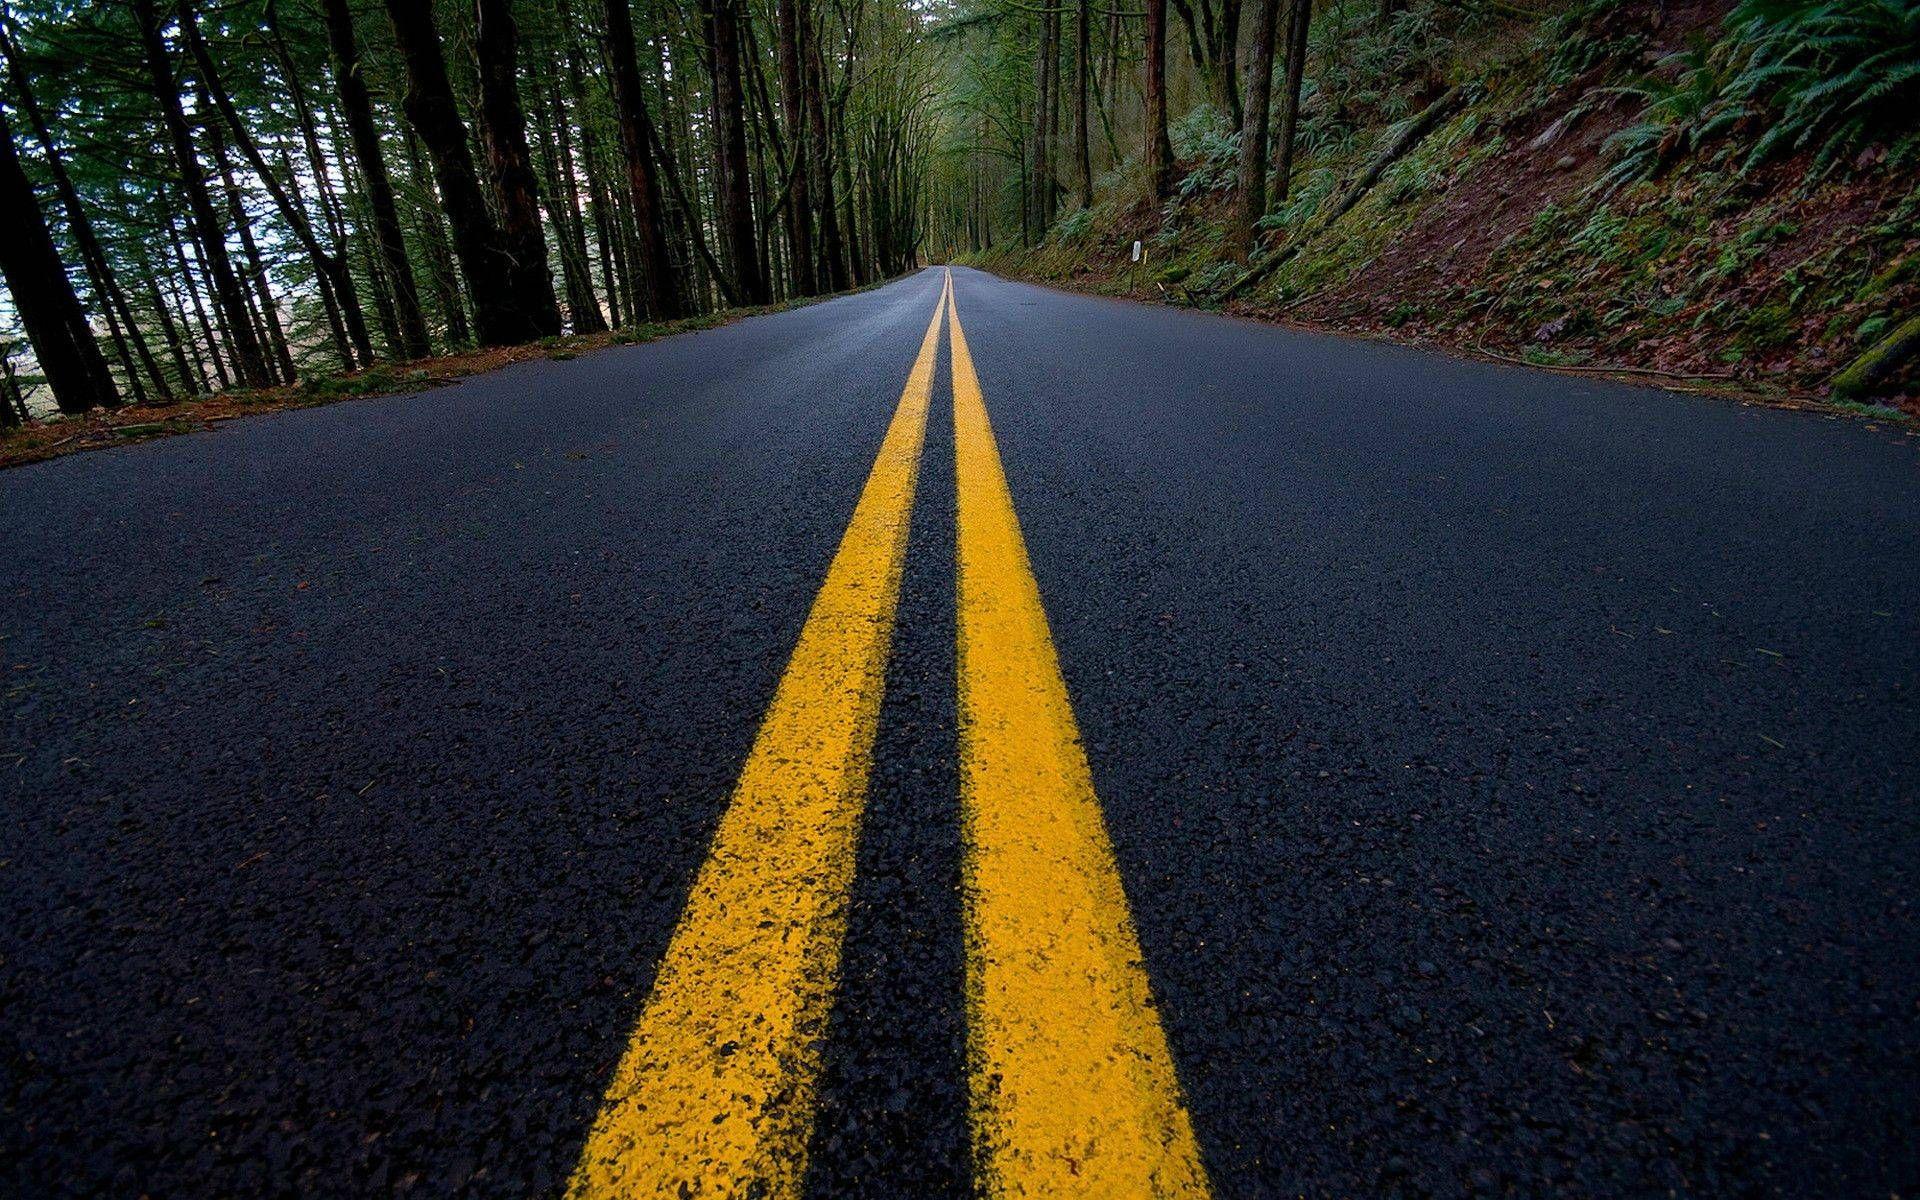 Road Marking Turn Trees Asphalt Wallpaper Blur Background Photography Dslr Background Images Picsart Background